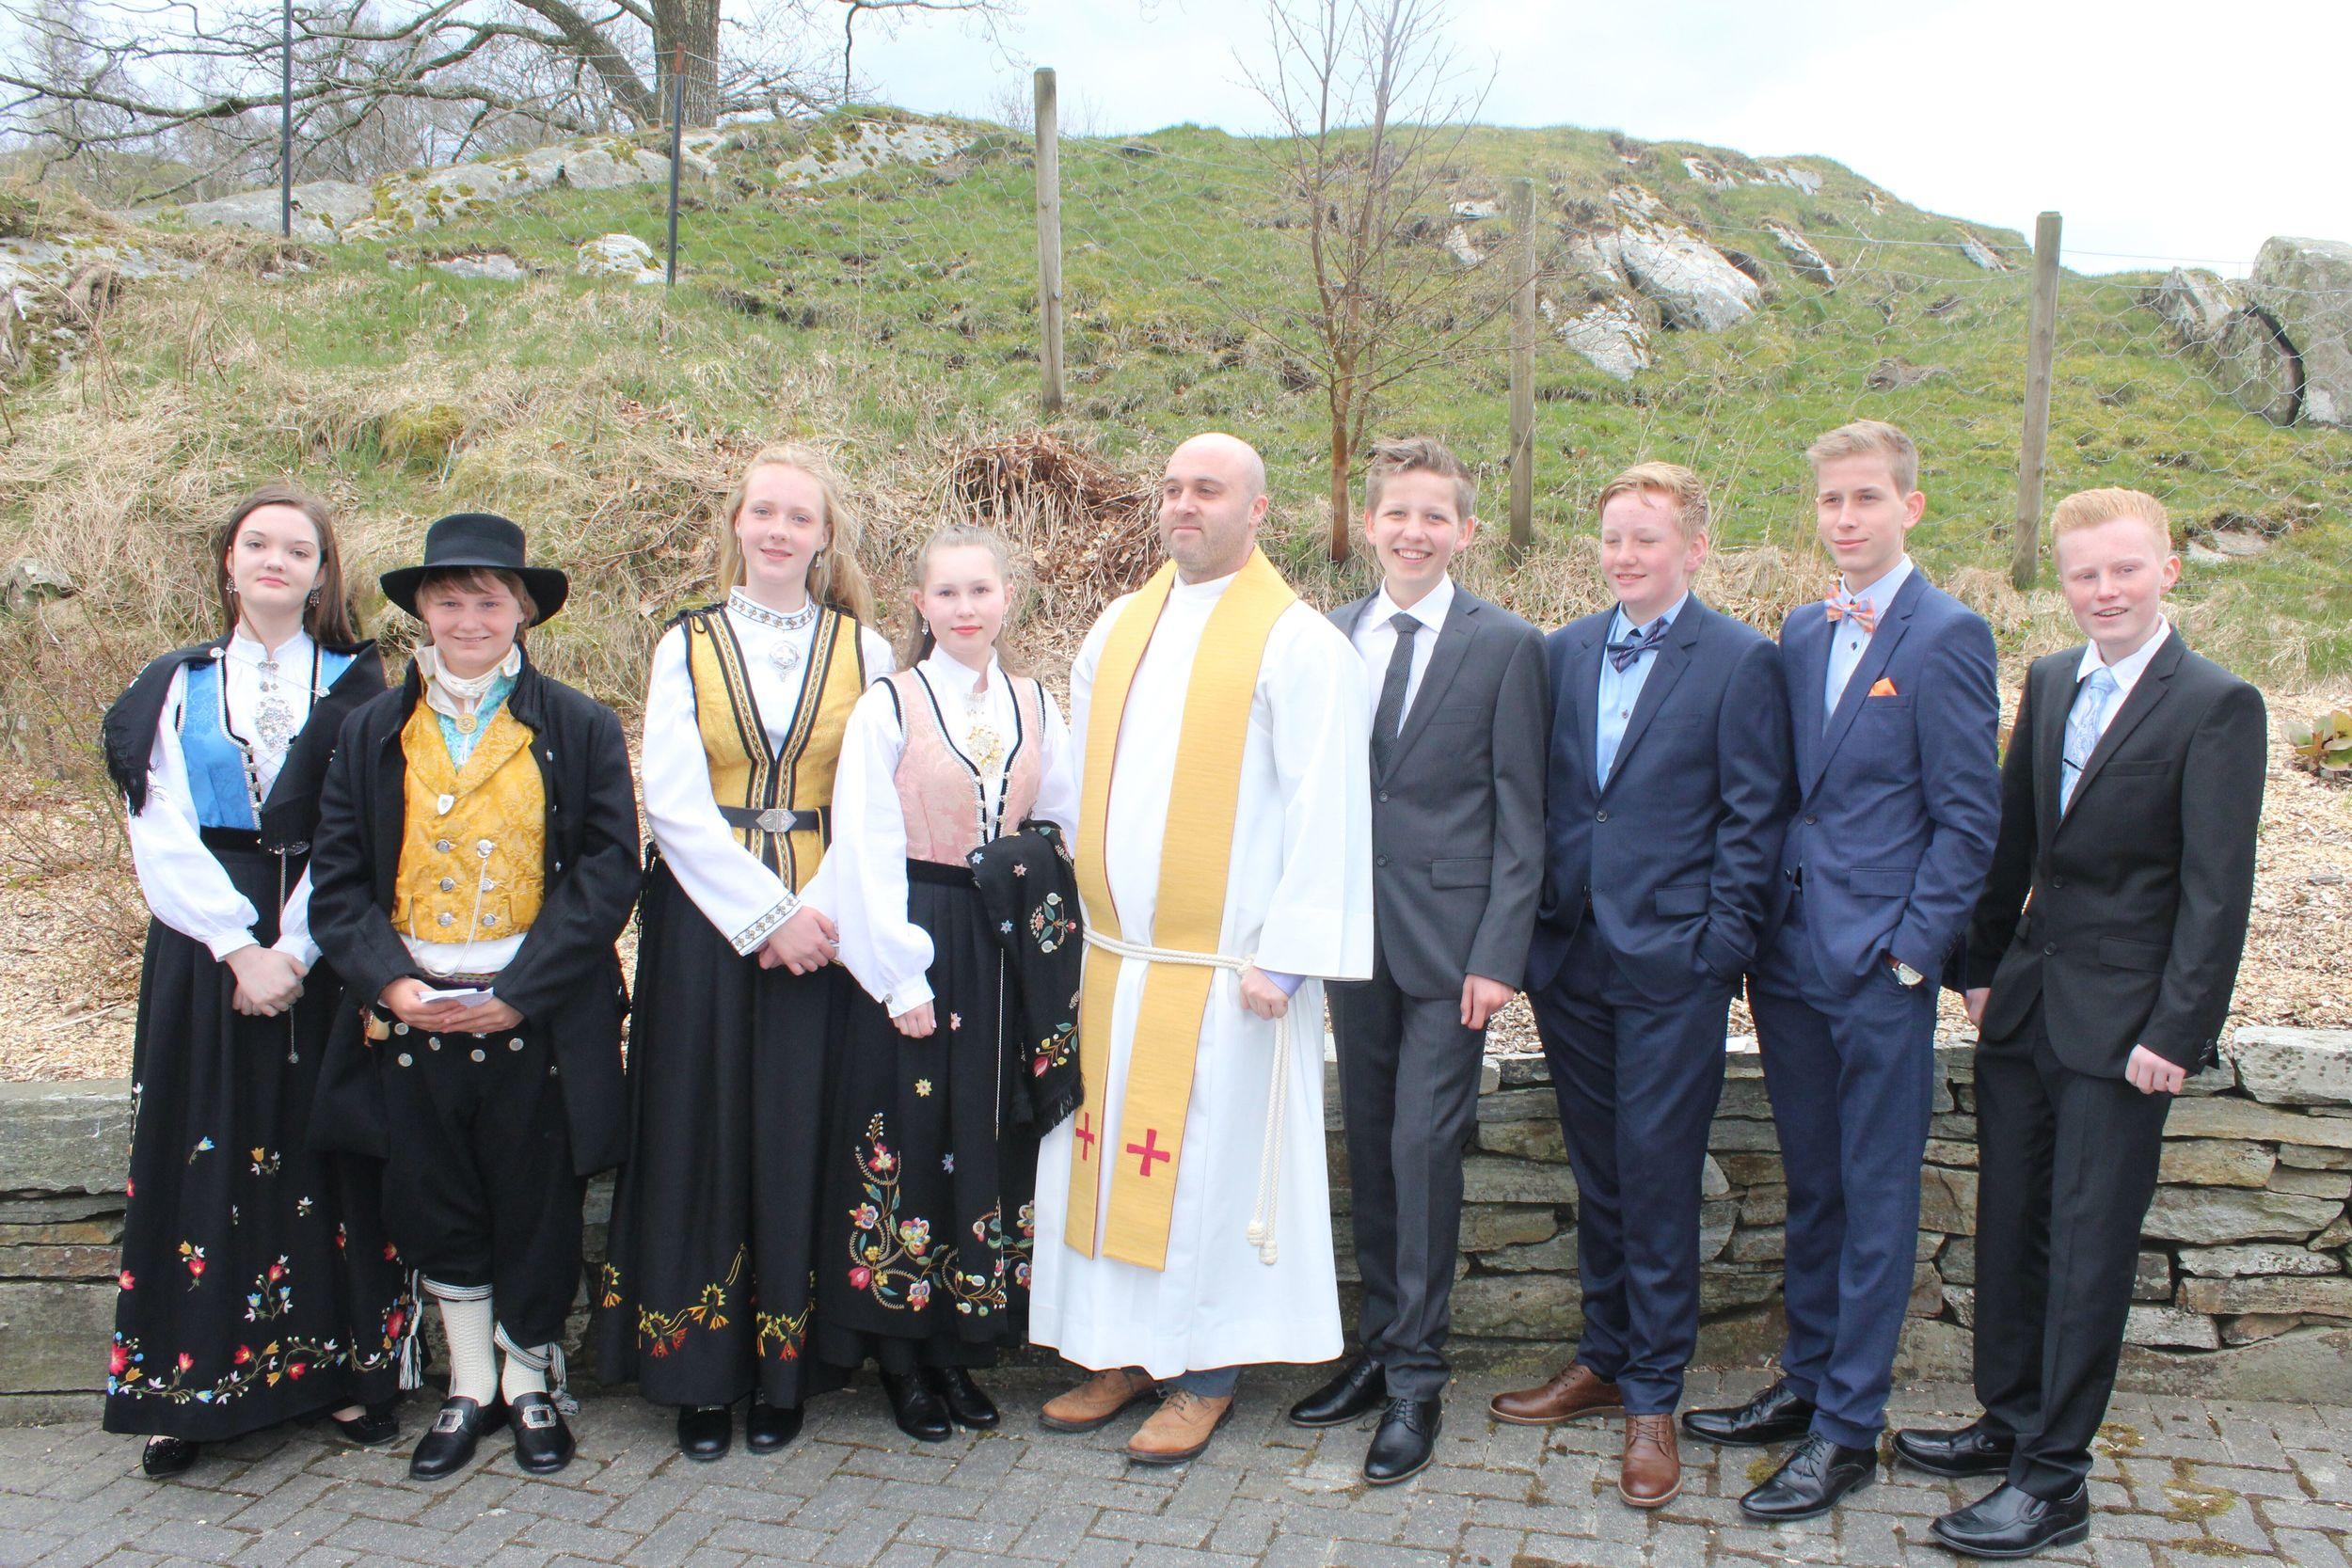 Frå venstre: Ingrid Marie Bøe, Adrian Lode, Rebecka Bø Rolfsen, Marie Sofie Østhus, Terje Engstrøm, Tom Arne Straumstein, Karl Magne Frafjord, Tor Olav Bø Måkestad og Robin Gjengedal Torgersen.